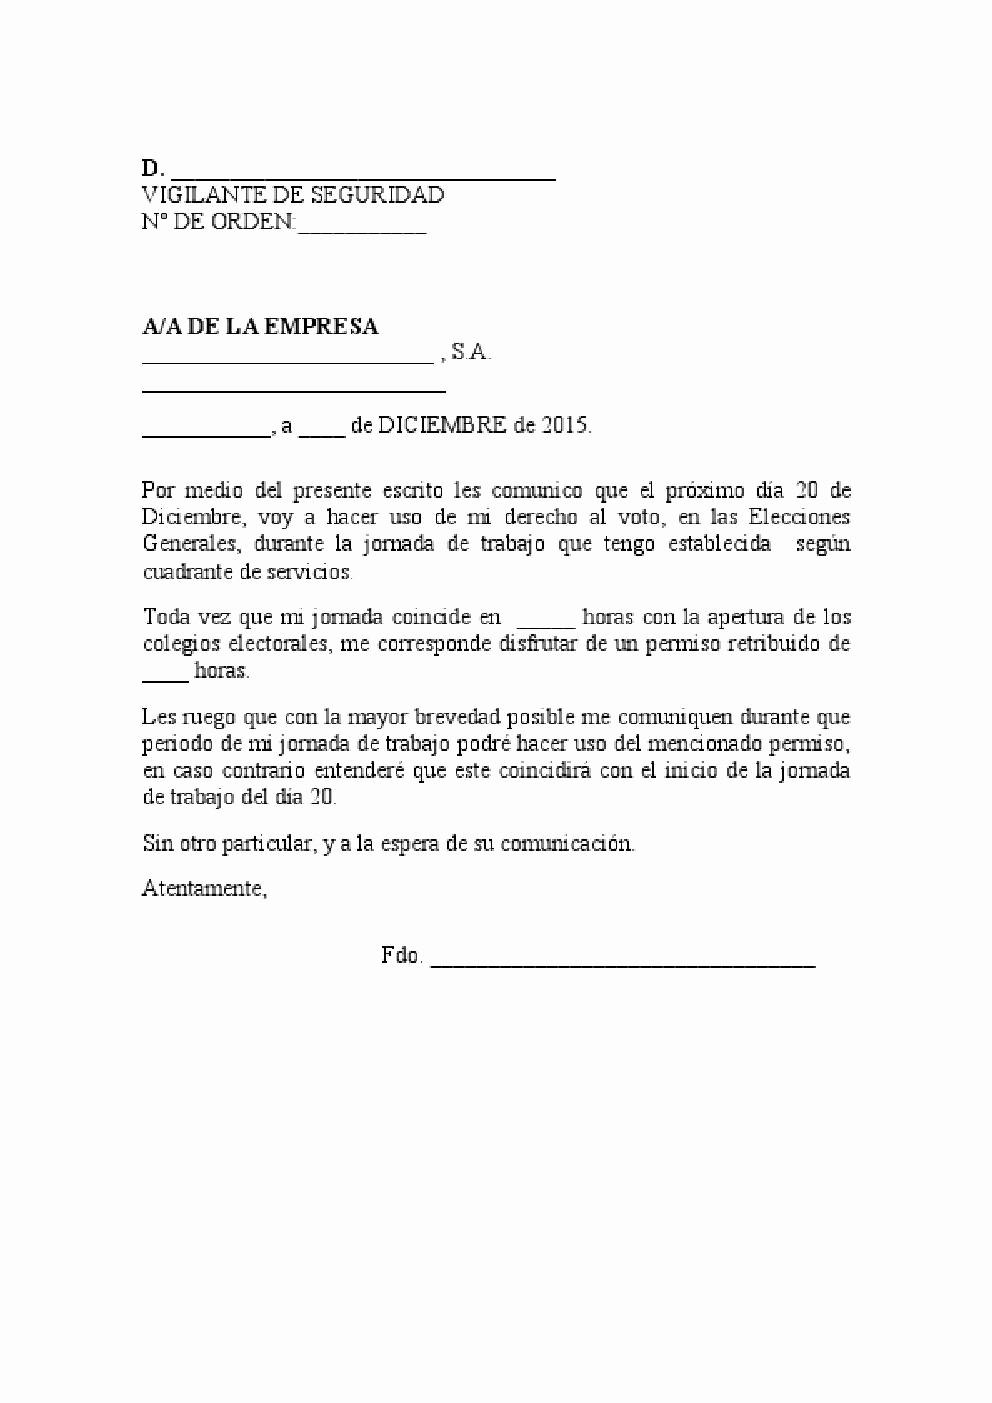 Formato De Carta De solicitud Inspirational formato De solicitud De Permiso